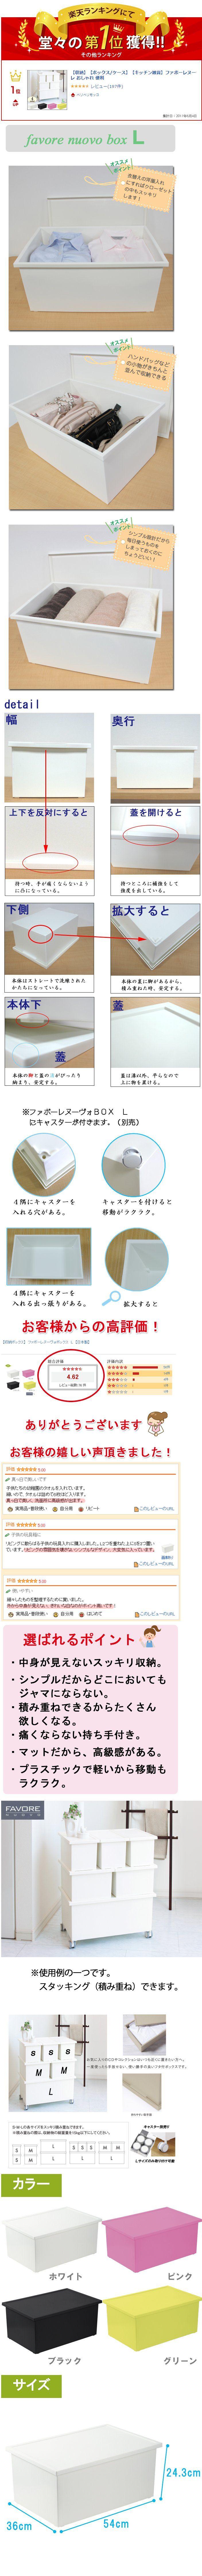 日本製 プラスチック 衣装ケース 衣類収納 favore ホワイト ■。【衣替え】 【収納ボックス フタ付】ファボーレヌーヴォ ボックス L オシャレ おしゃれ 便利